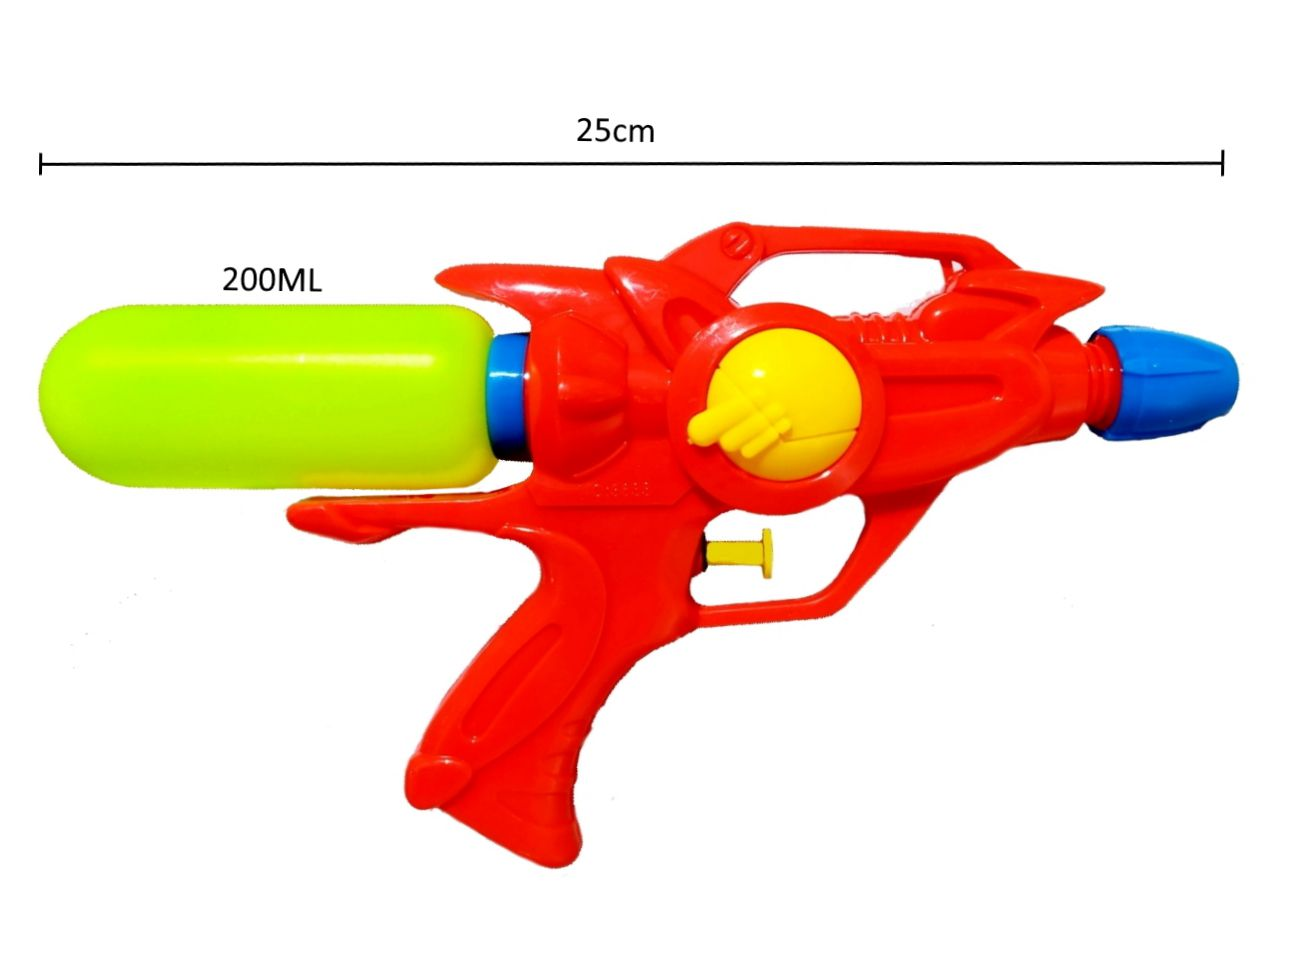 Pistola Arminha de Agua 250 ML Vermelha - 2 Unidades